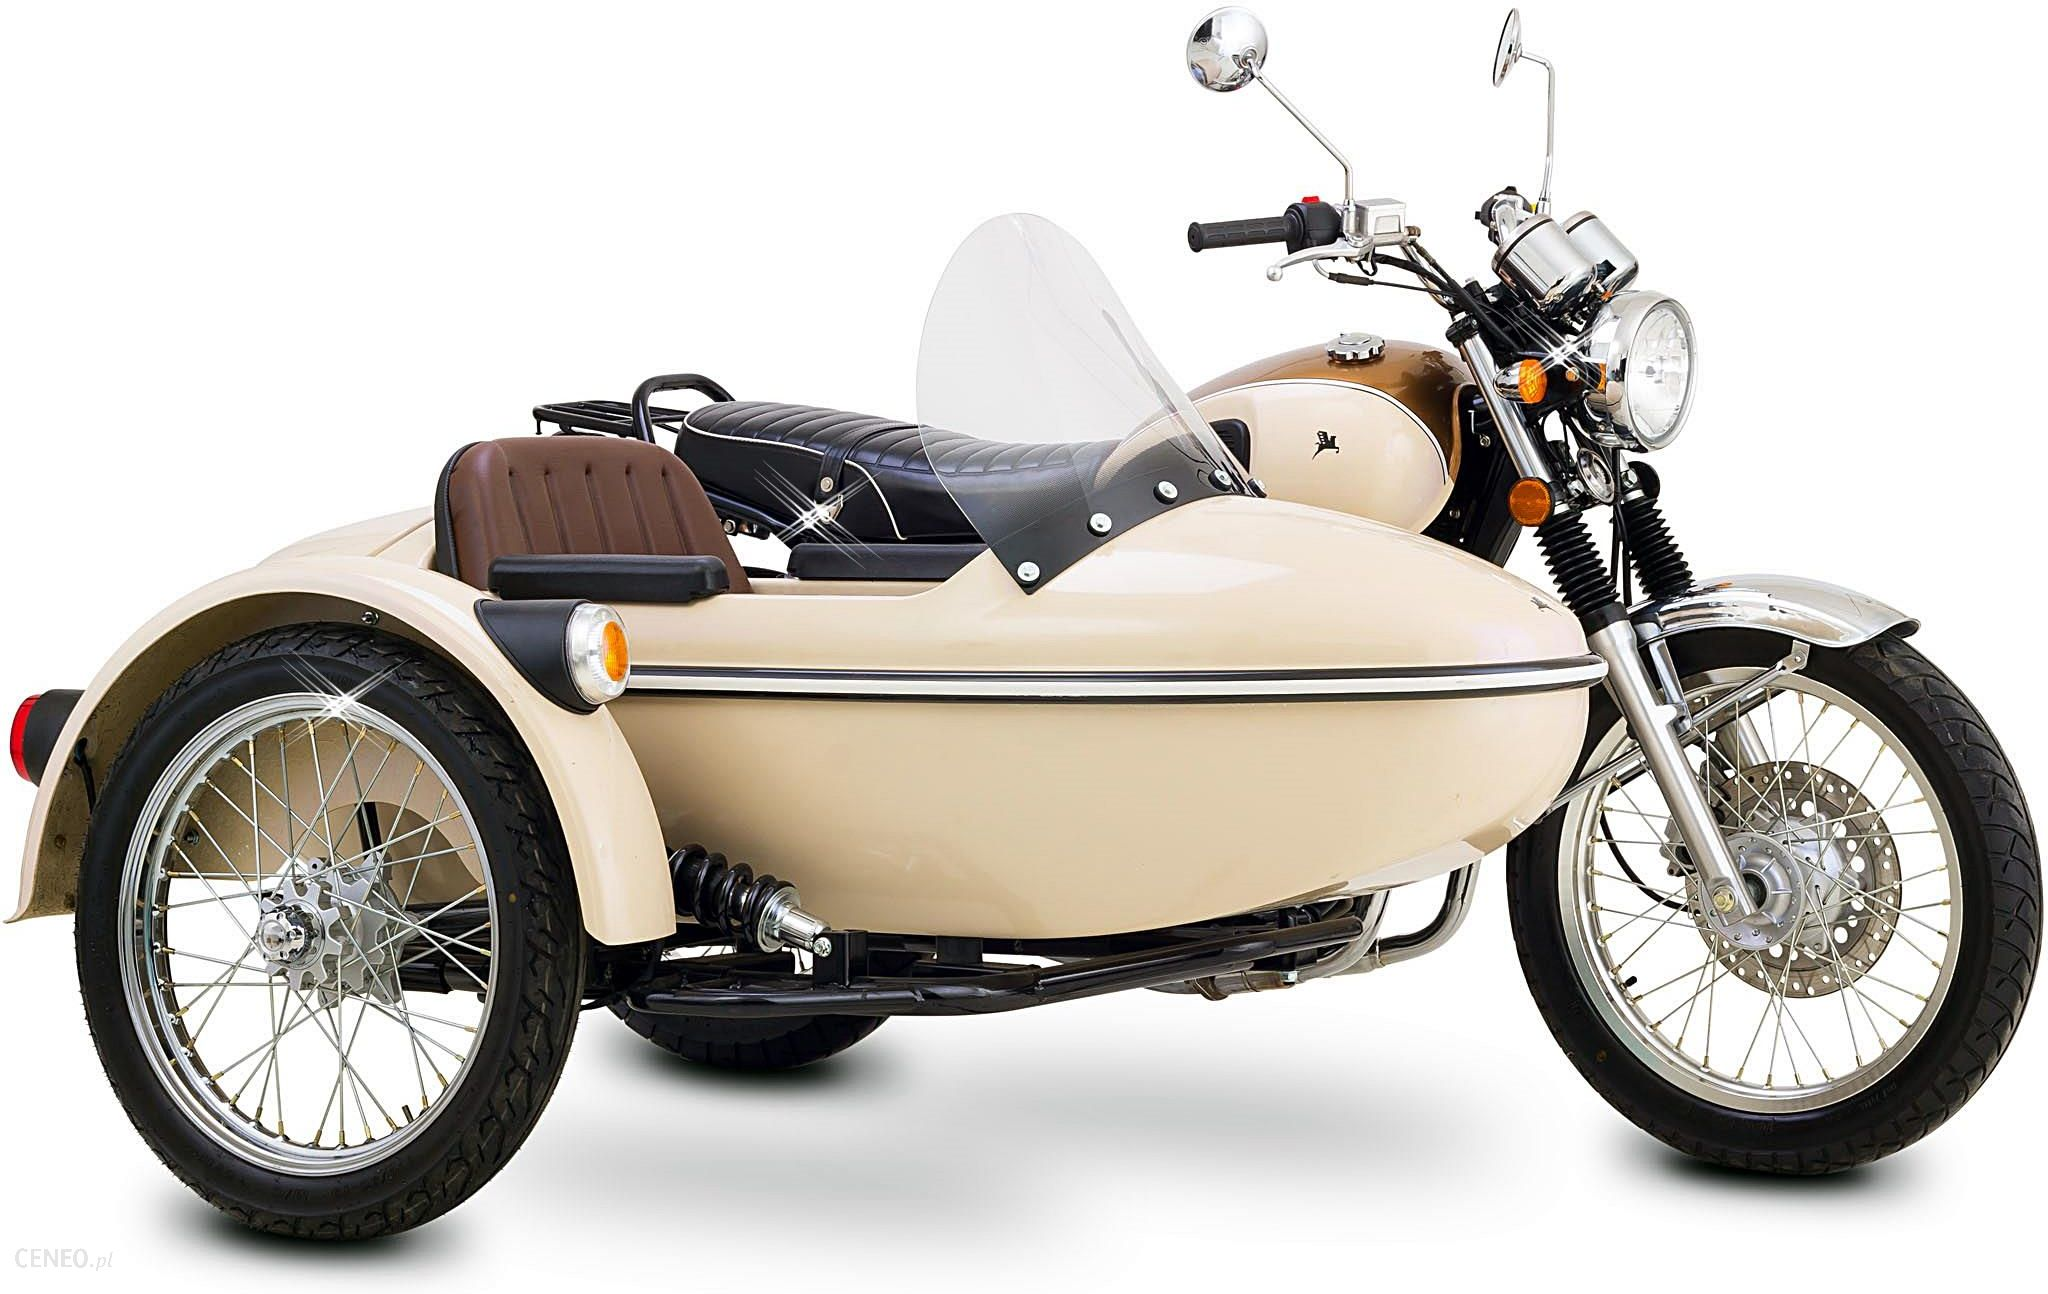 Motocykl Romet Classic 400 Euro 4 Z Wozkiem Opinie I Ceny Na Ceneo Pl